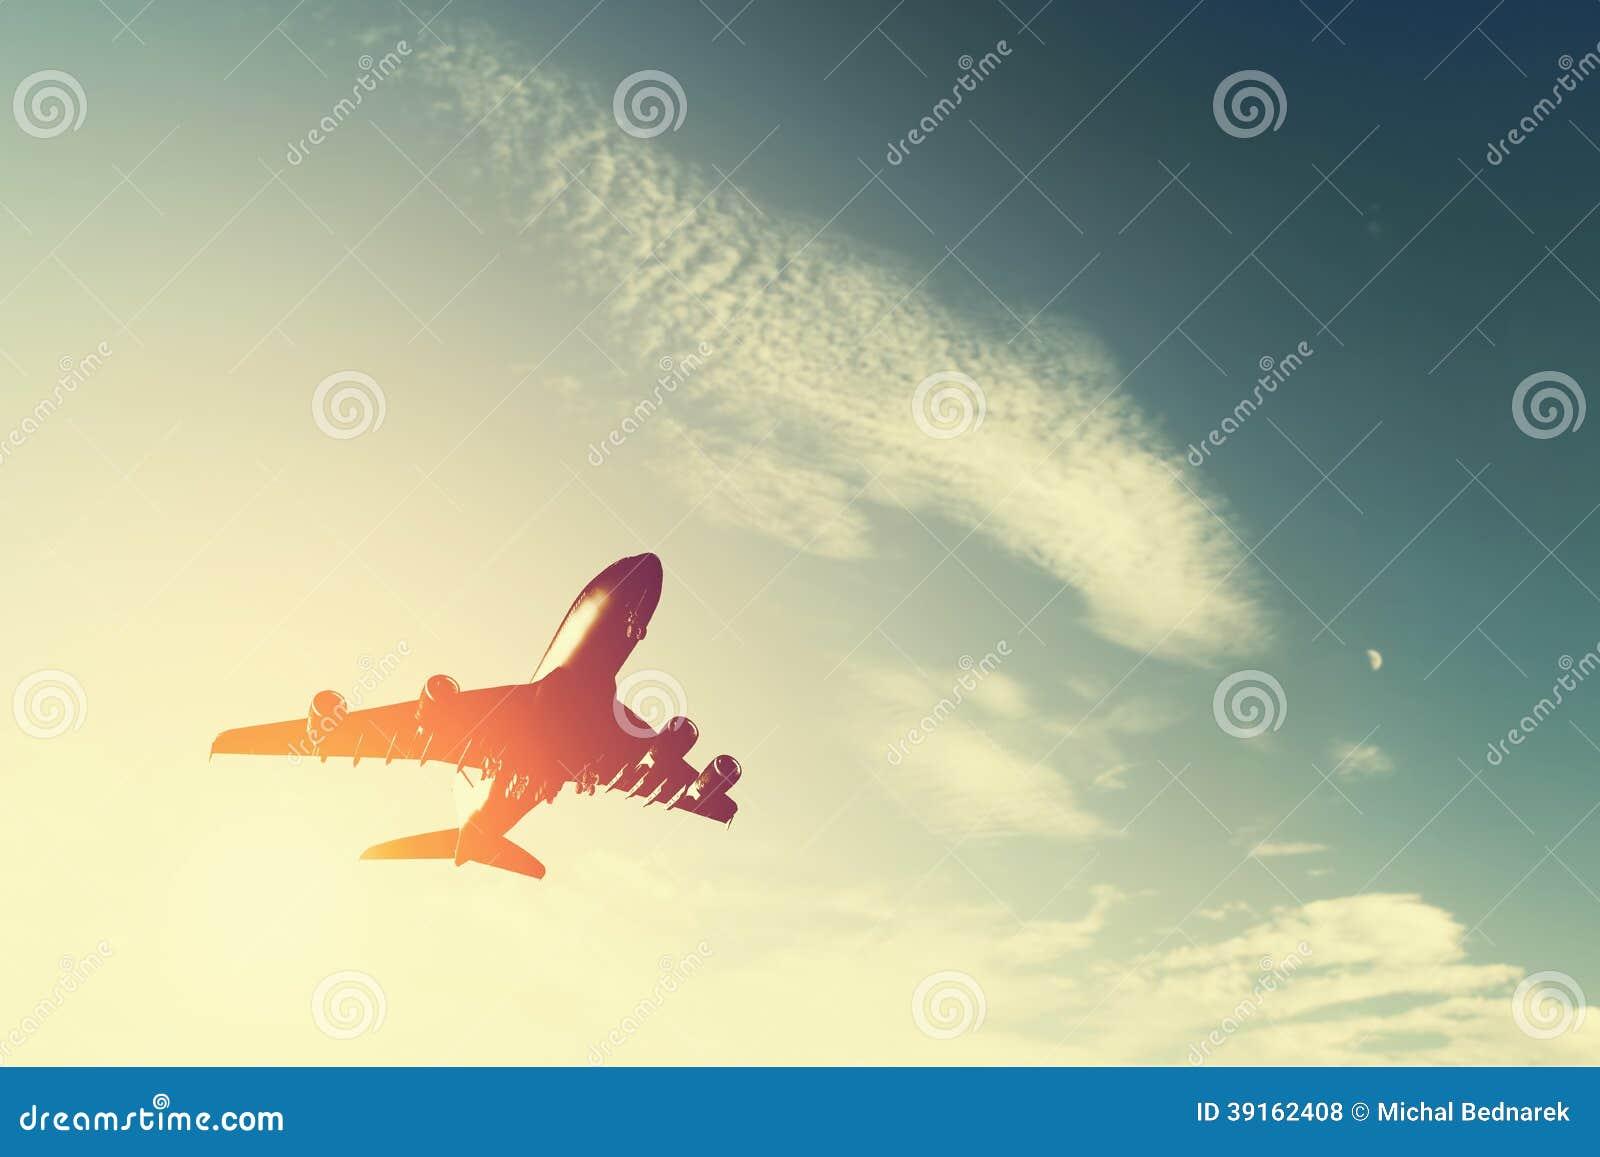 Vliegtuig die bij zonsondergang opstijgen.